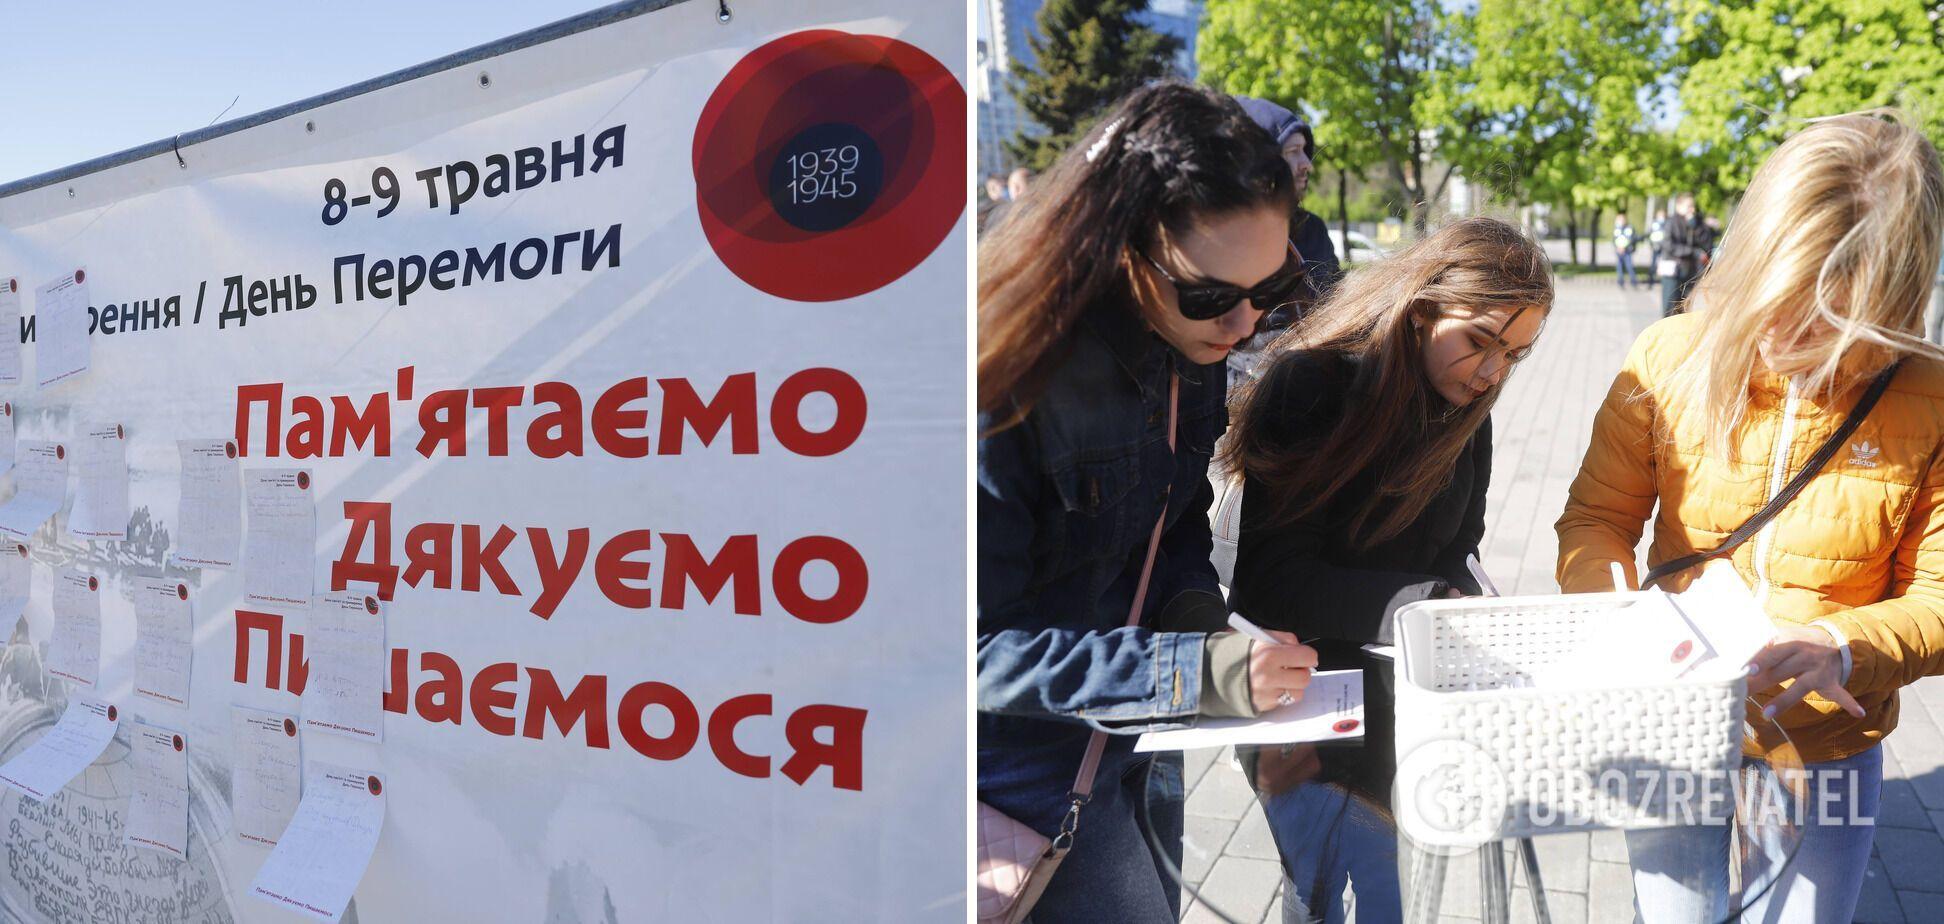 'Помним. Гордимся': днепряне оставляют слова благодарности защитникам на стене памяти под открытым небом